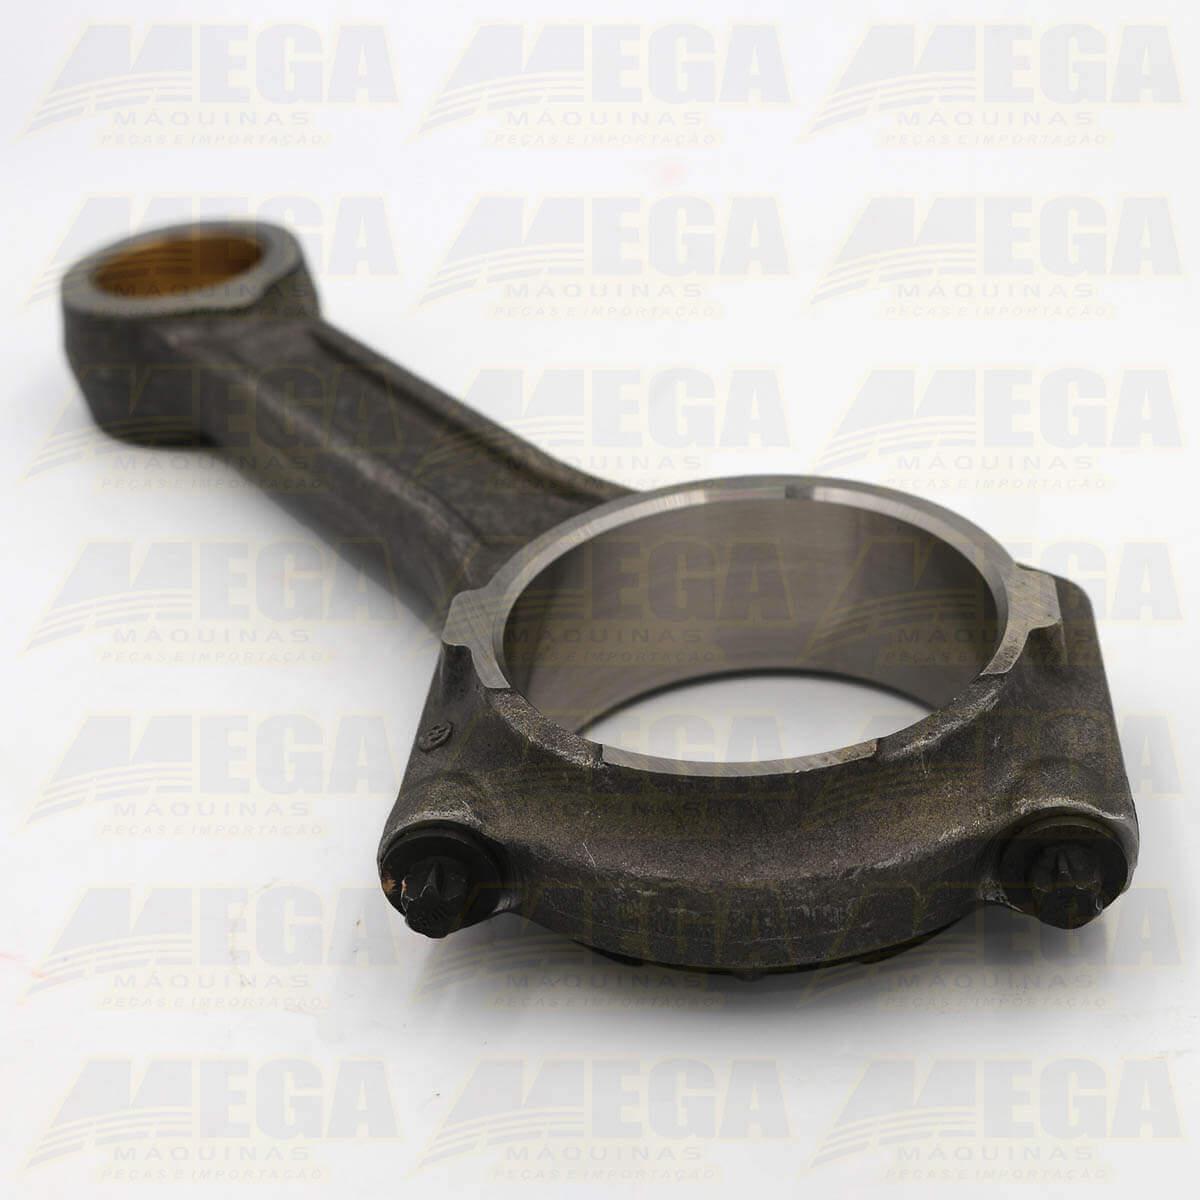 Biela Motor 448 Diesel Max 320/03328 32003328